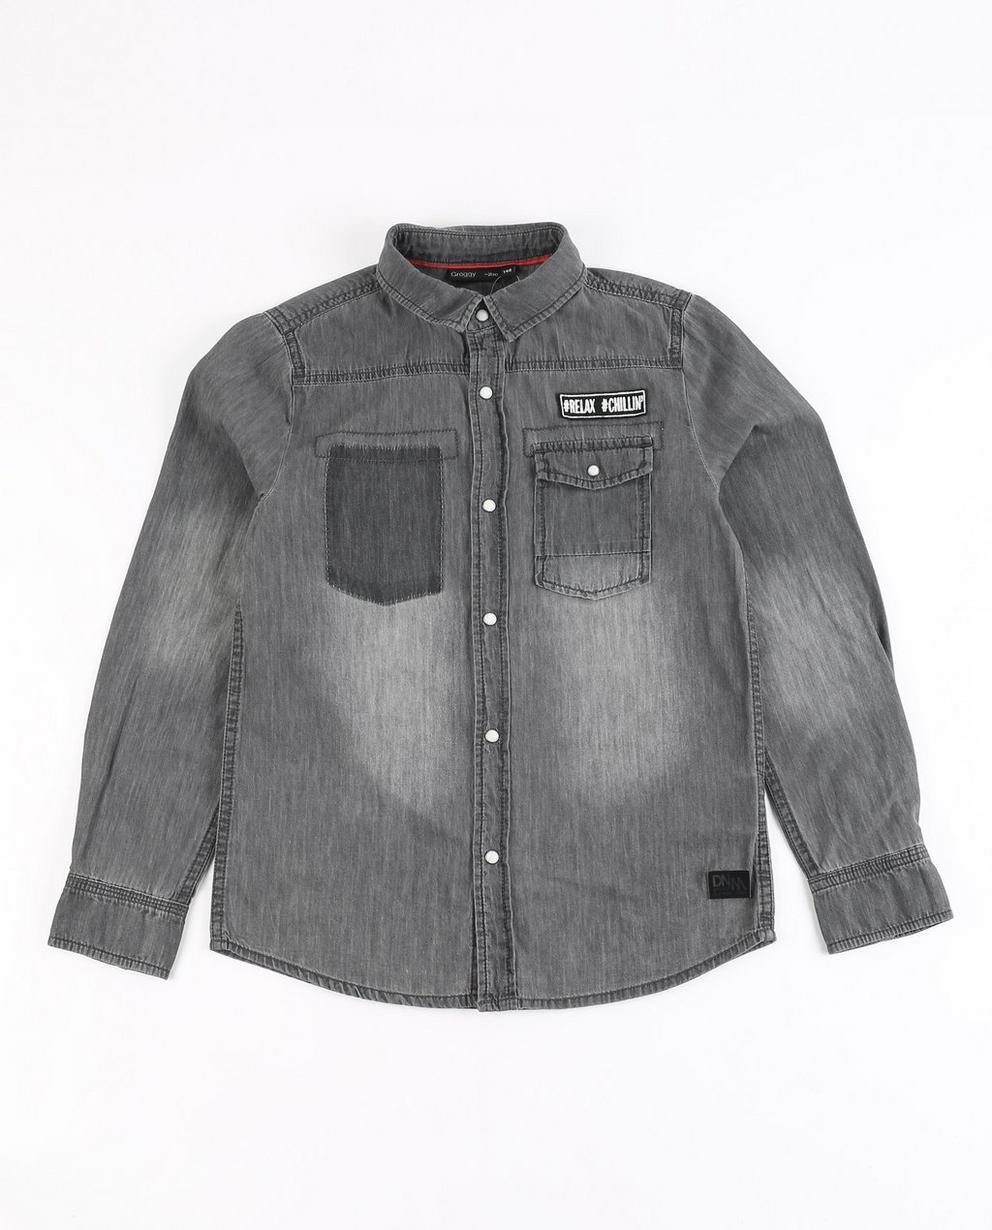 Jeanshemd mit Aufschrift - und Waschung - JBC